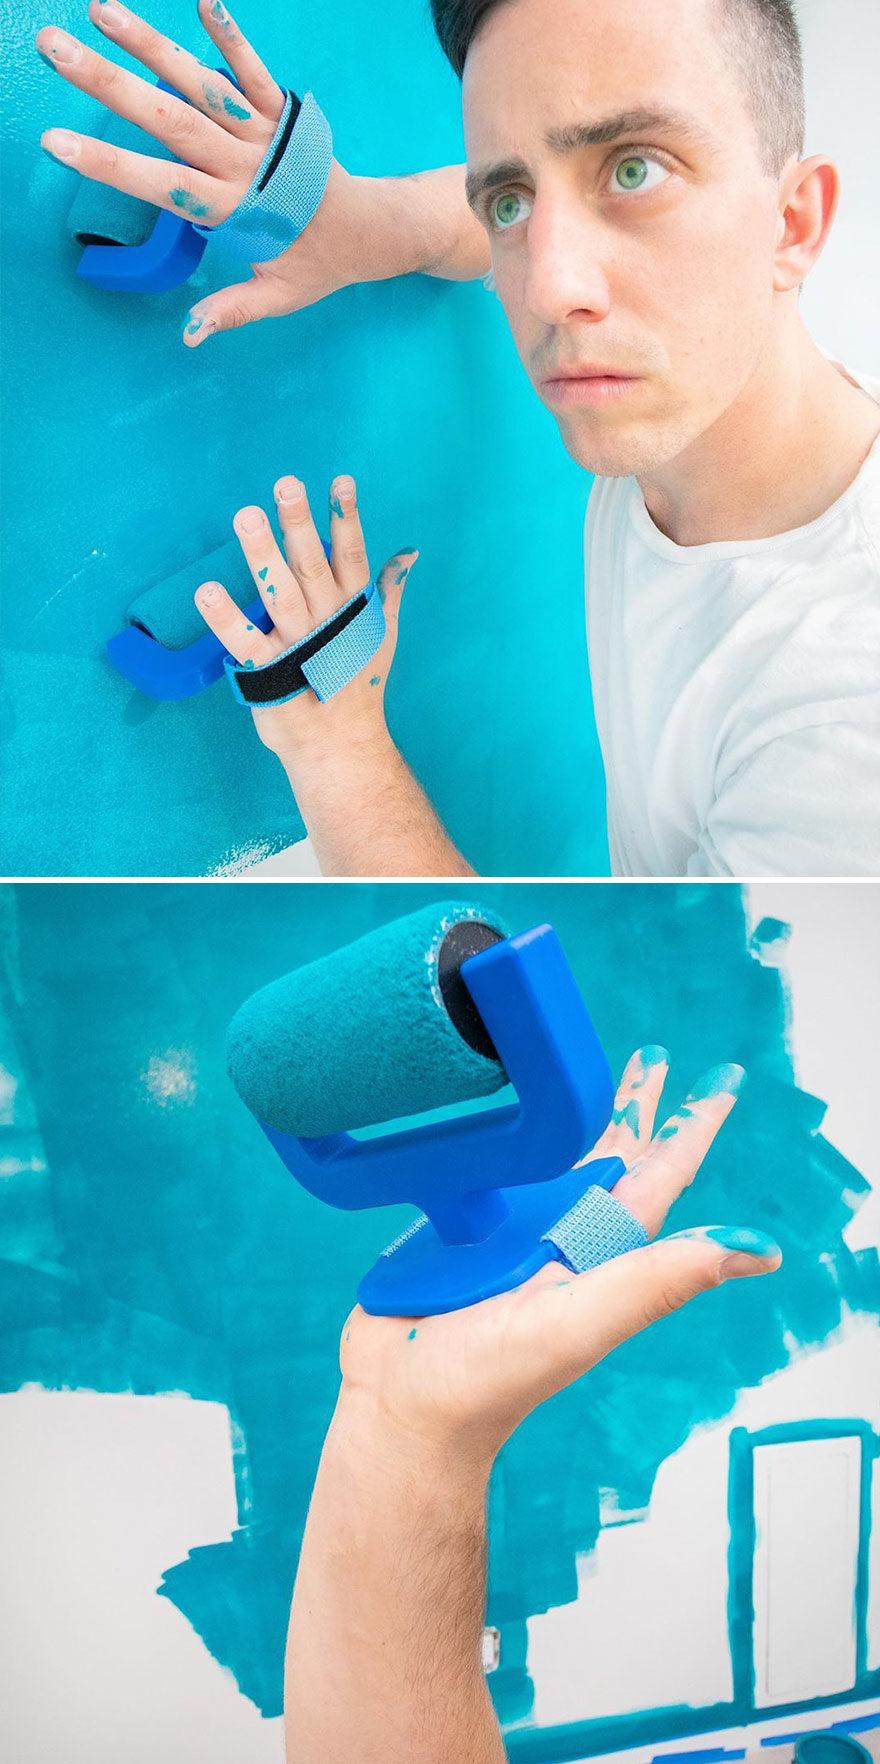 20個解決不存在問題的「無用發明」 「浴簾毛巾」很天才